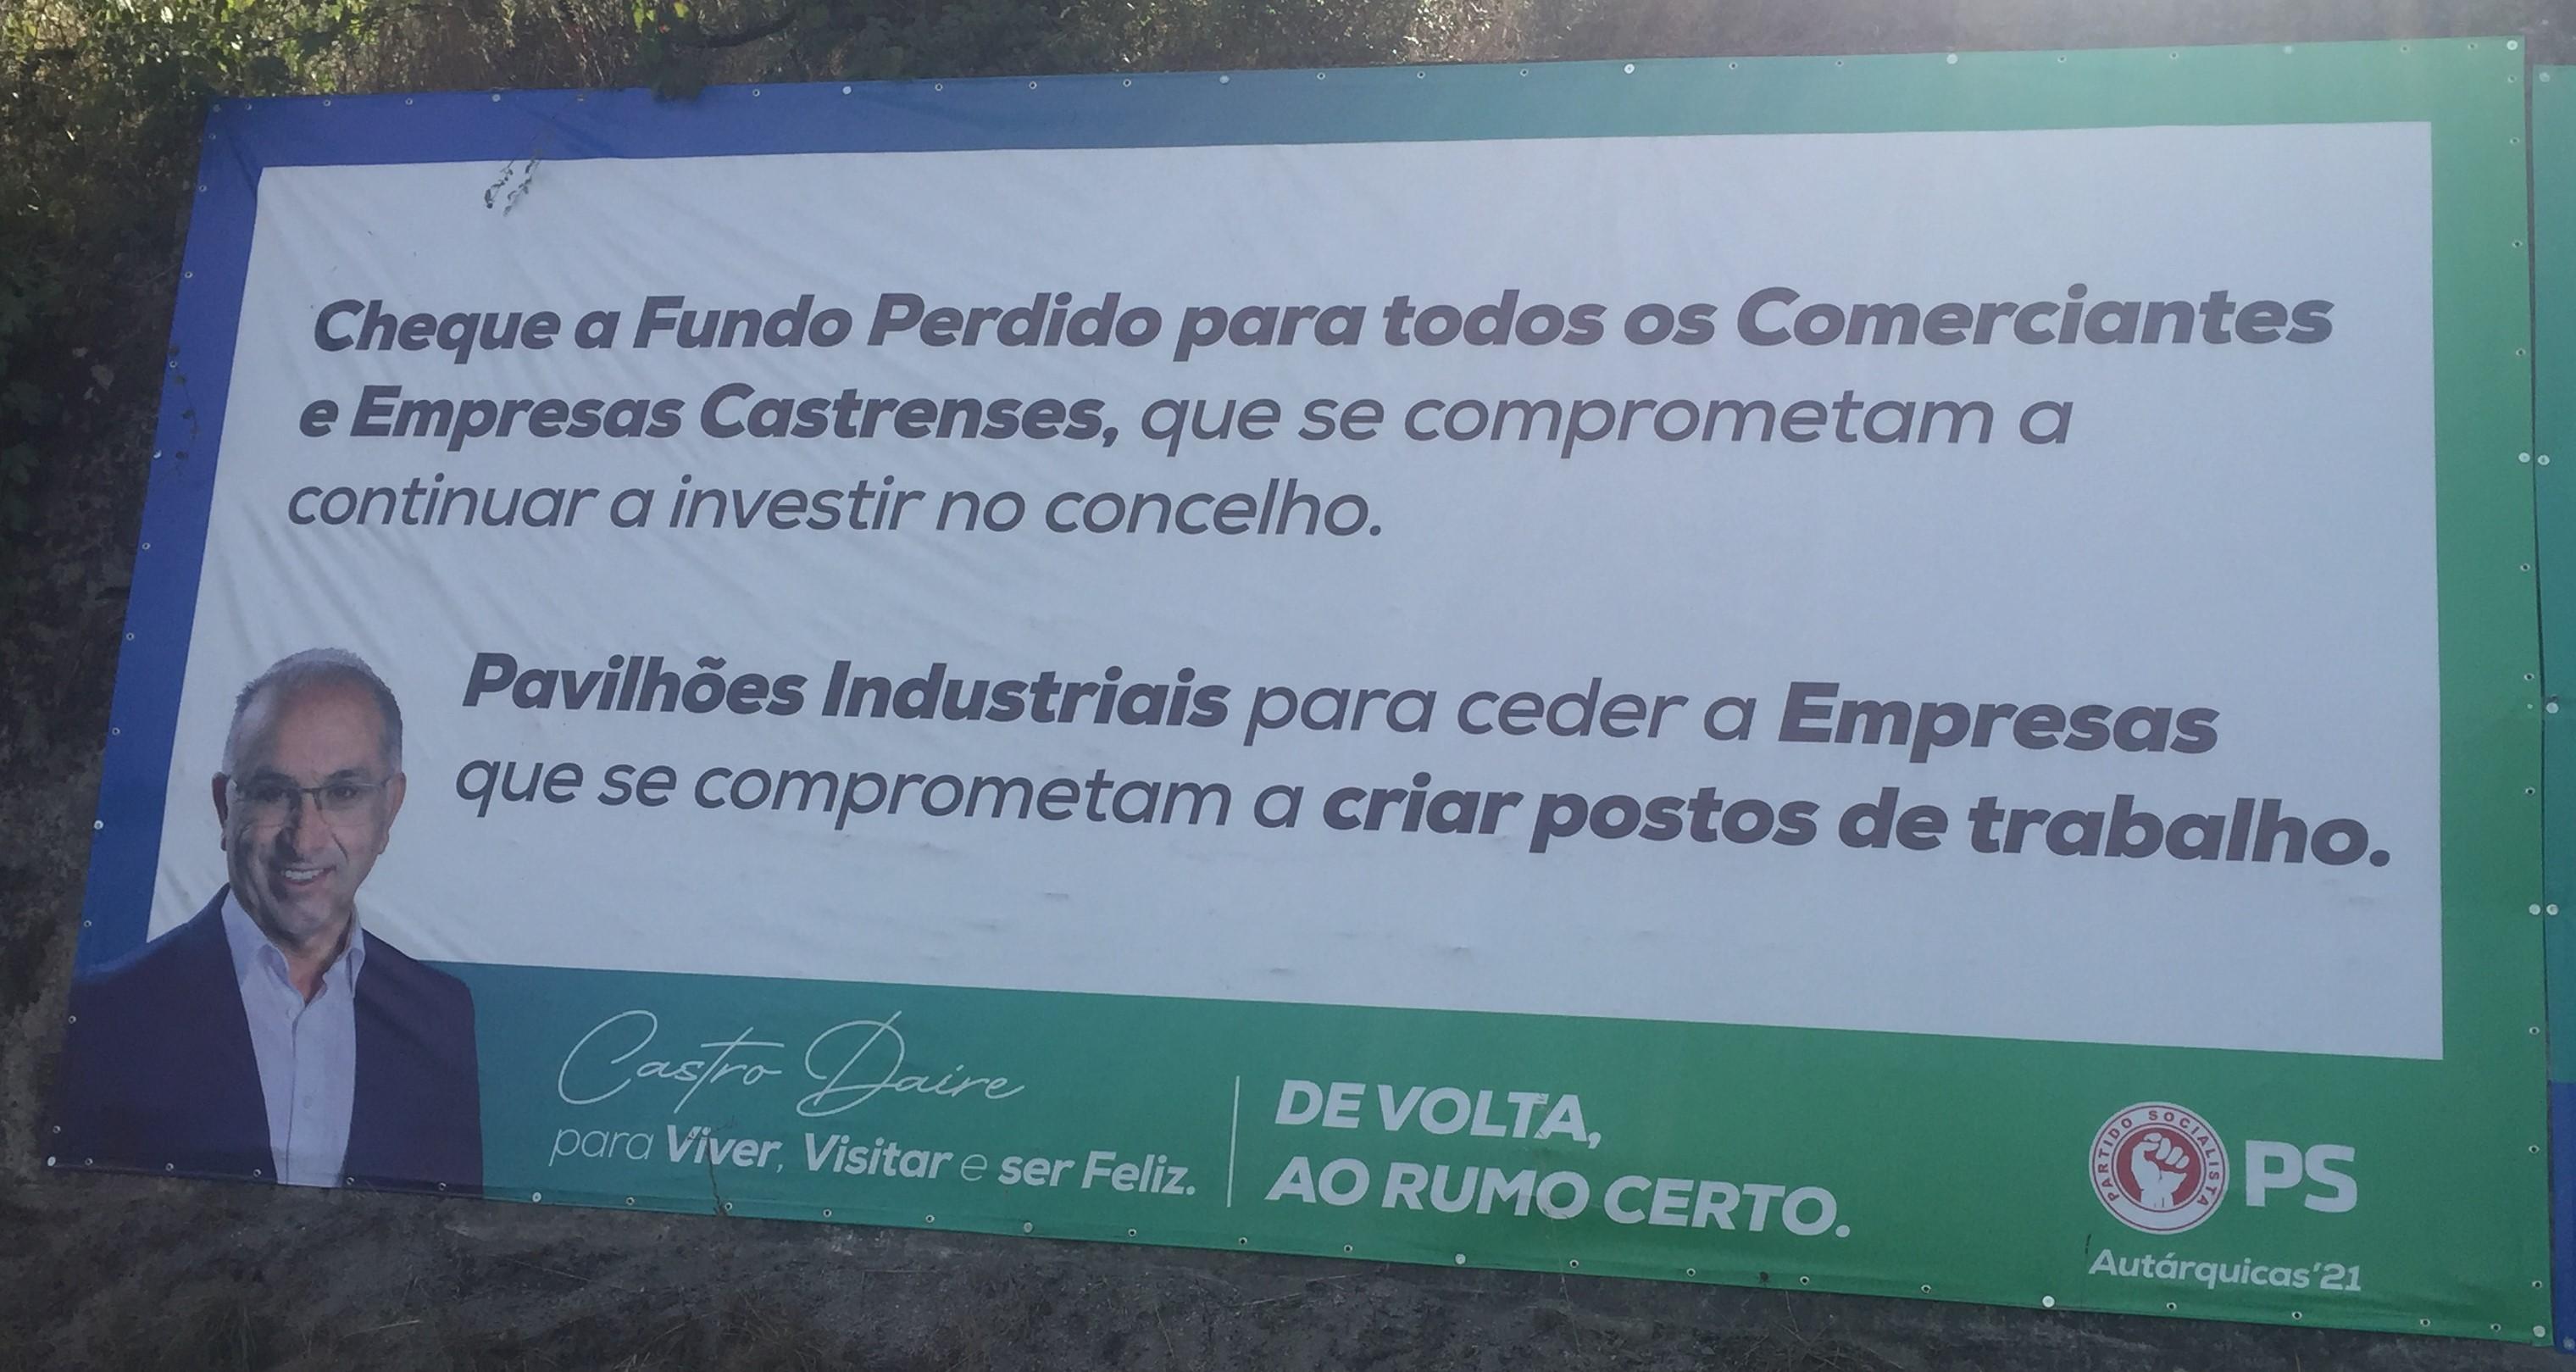 PS_2021_Castro Daire_02